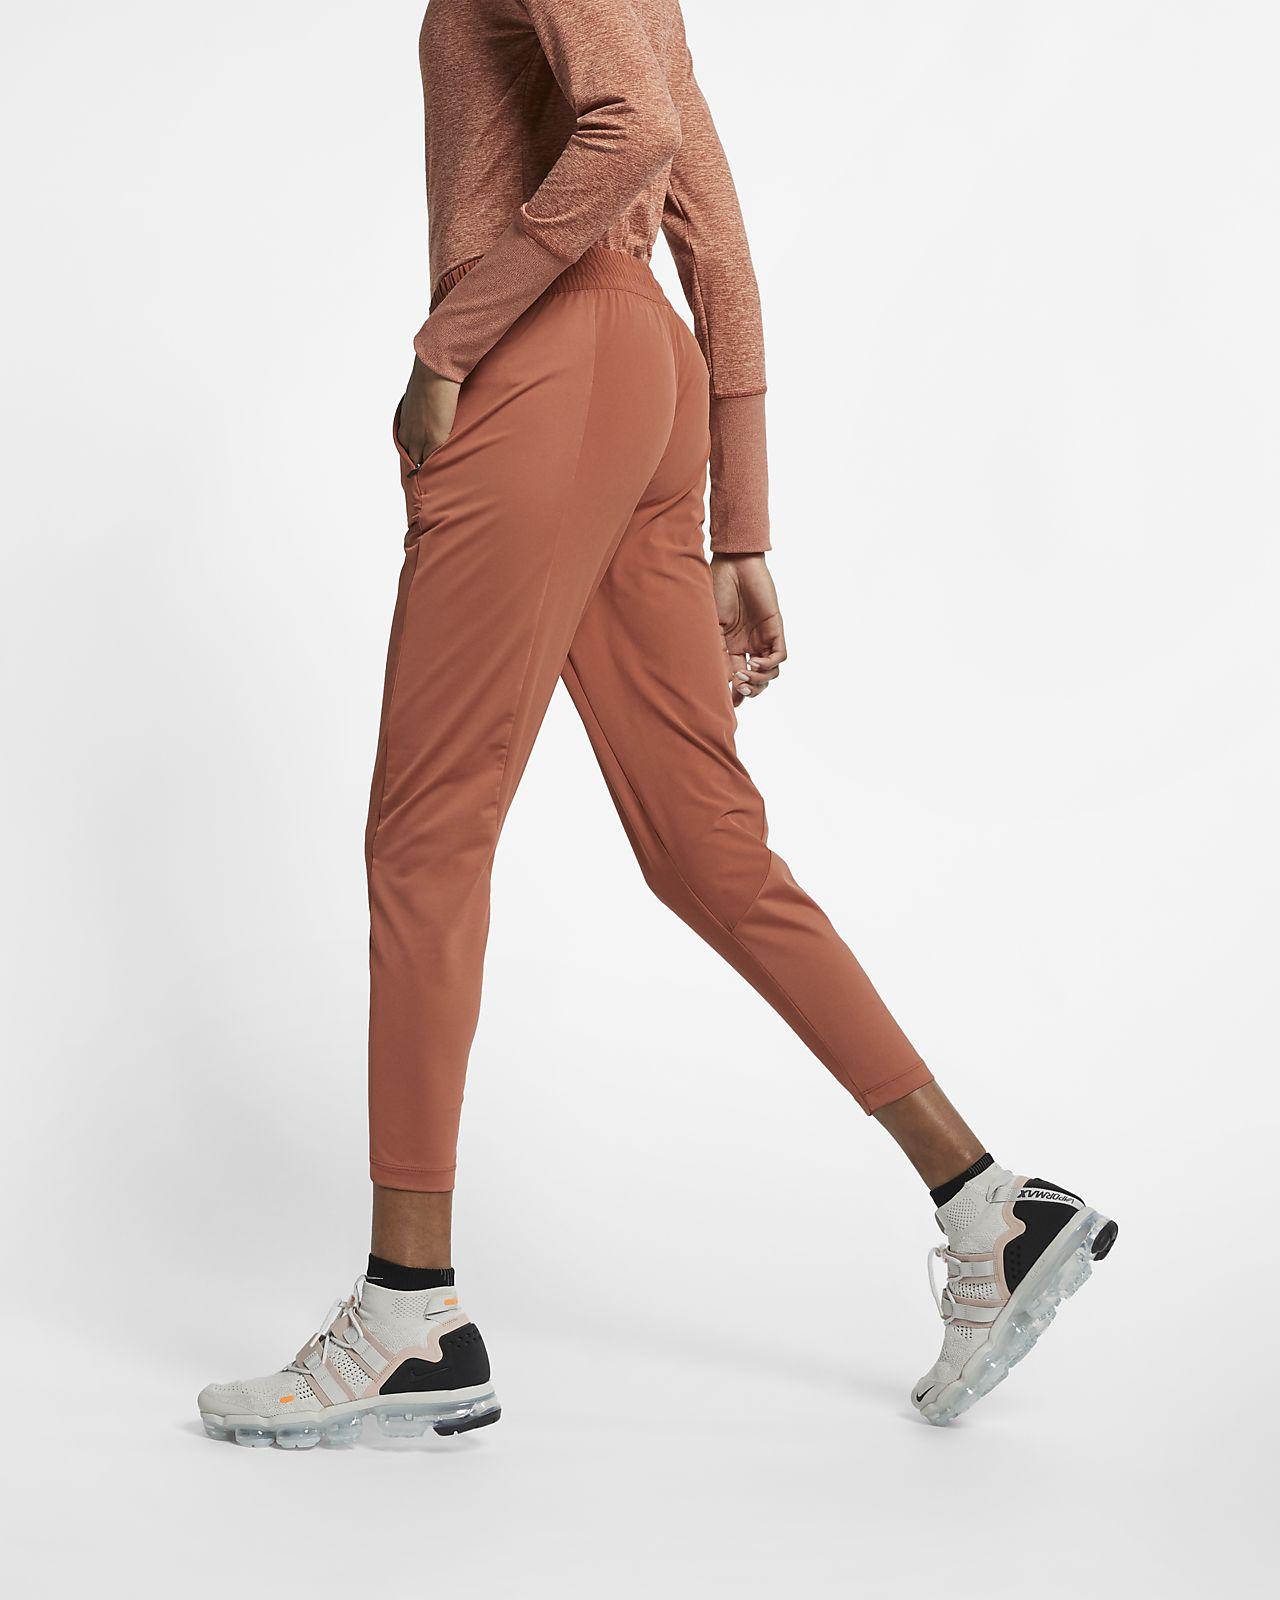 6626accd5b15 Pantaloni da running Nike Swift - Donna. Nike.com IT